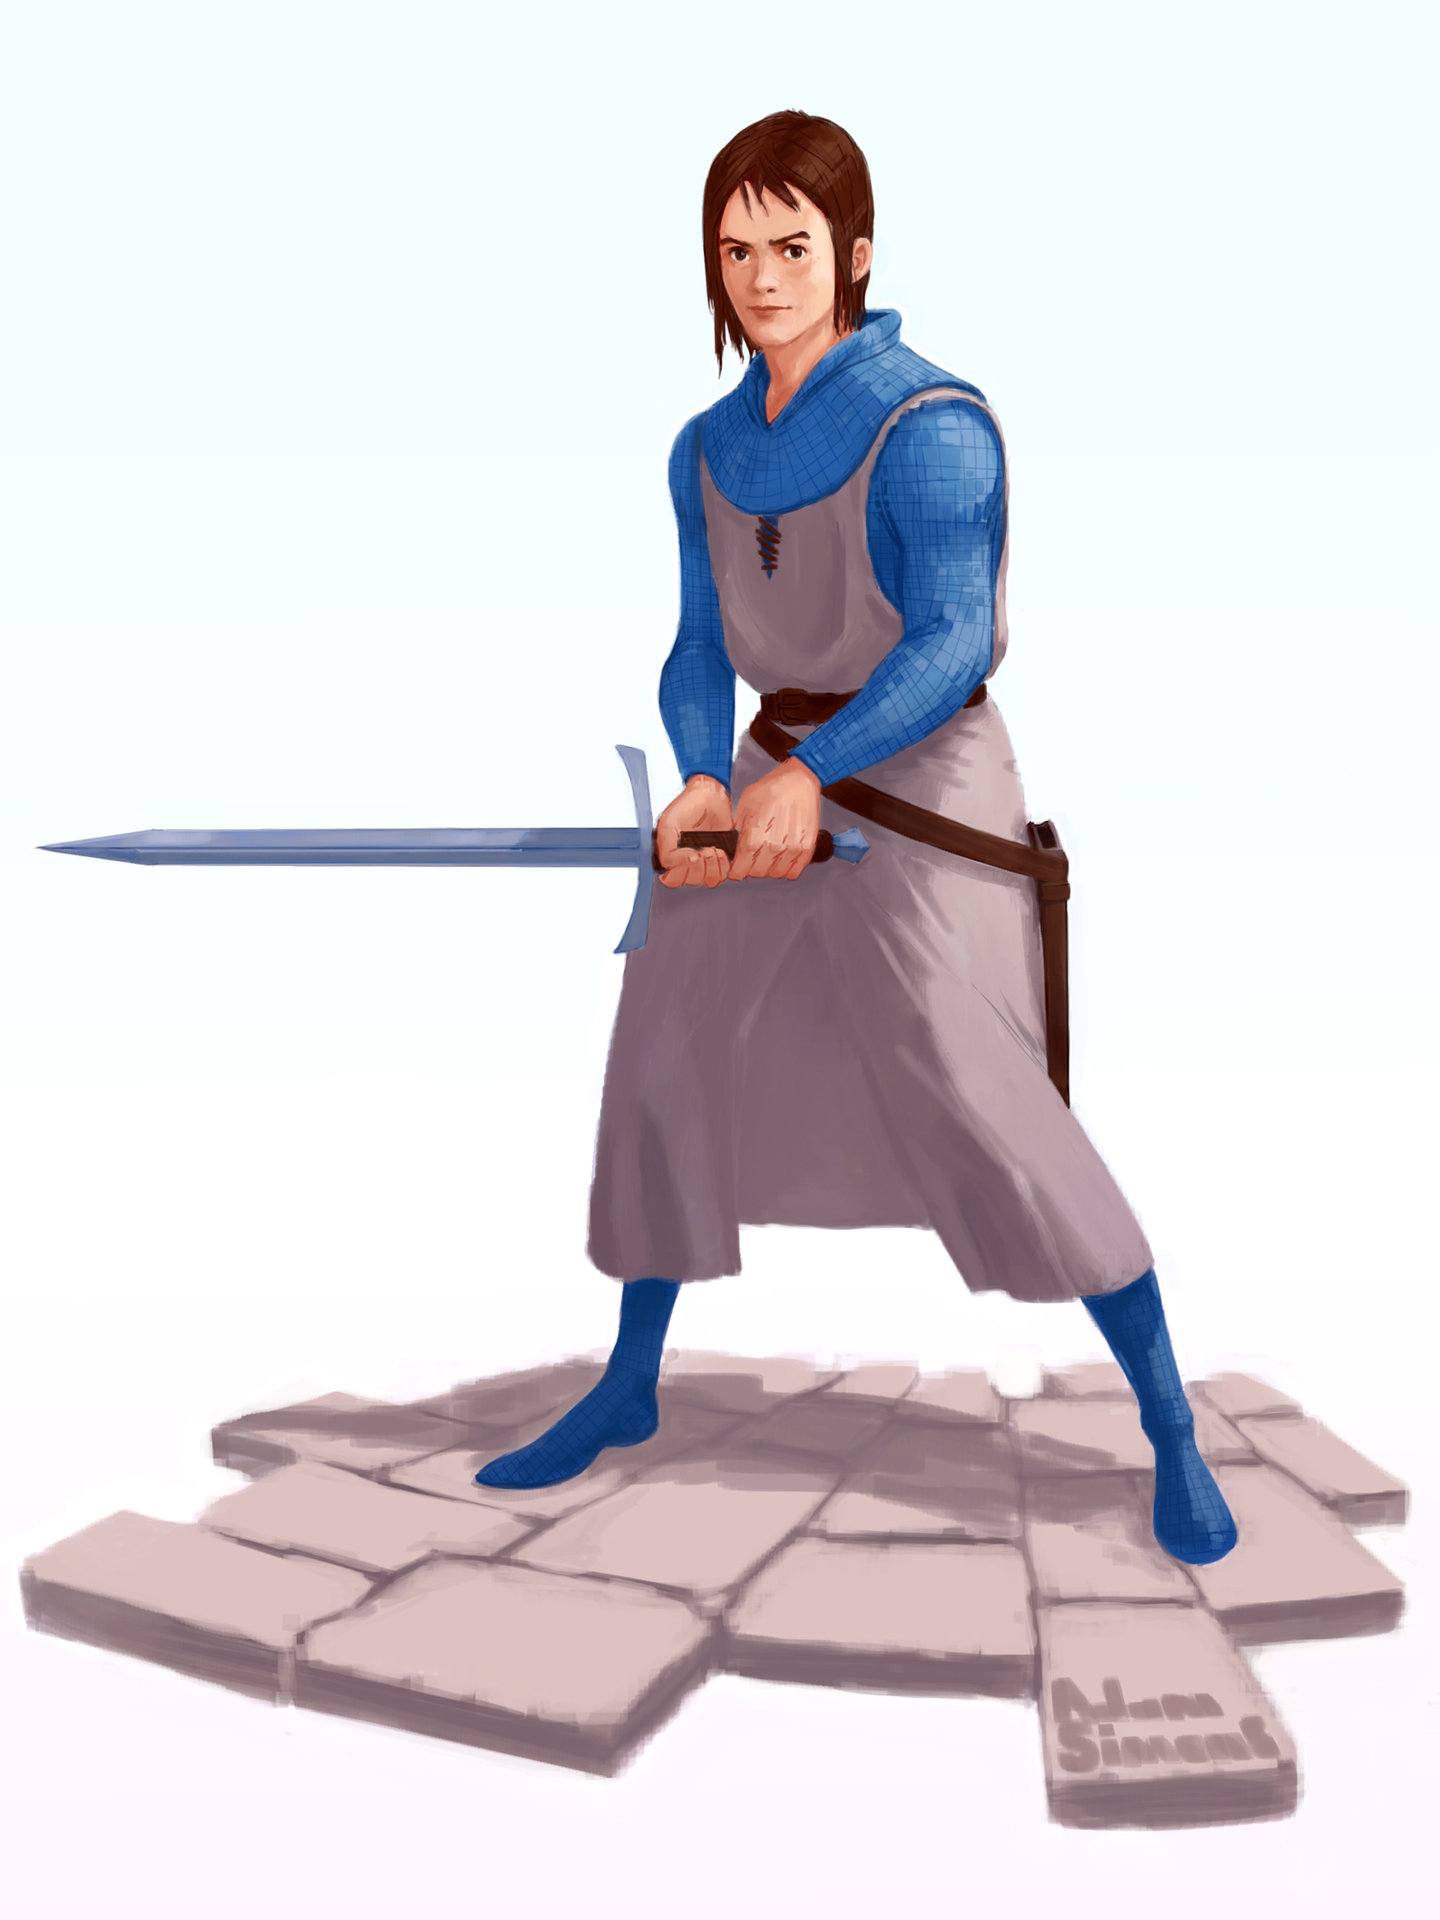 Adam simons adamsimons mail knight 5 8 14